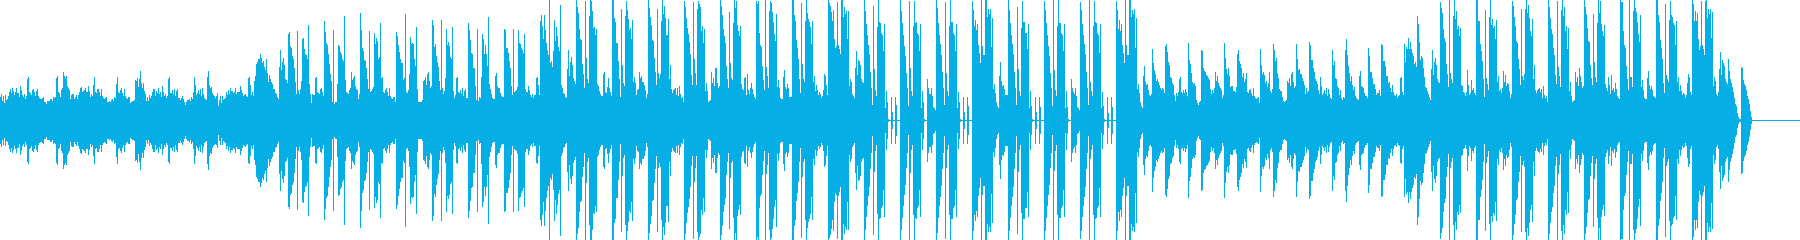 妖しい雰囲気のアンビエントテクノの再生済みの波形